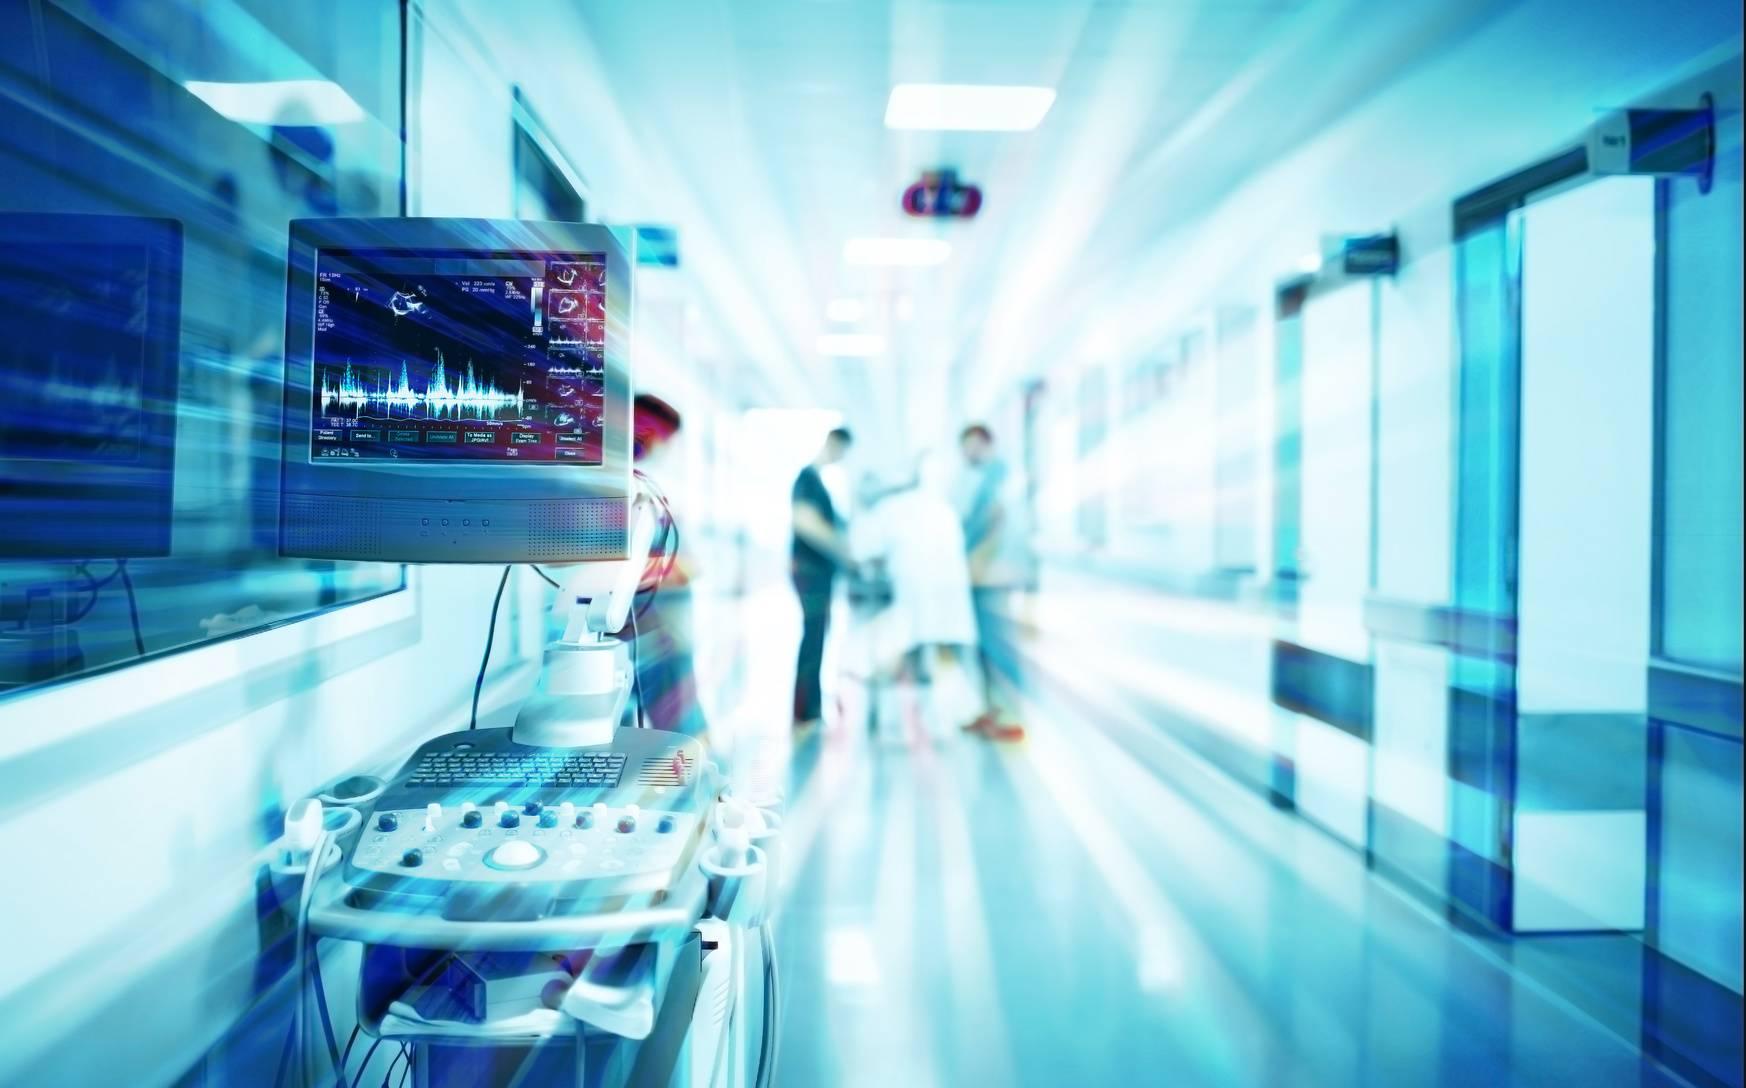 Od 1 październik 2019 r. na oddziałach SOR wszedł w życie system sortowania pacjentów triage.